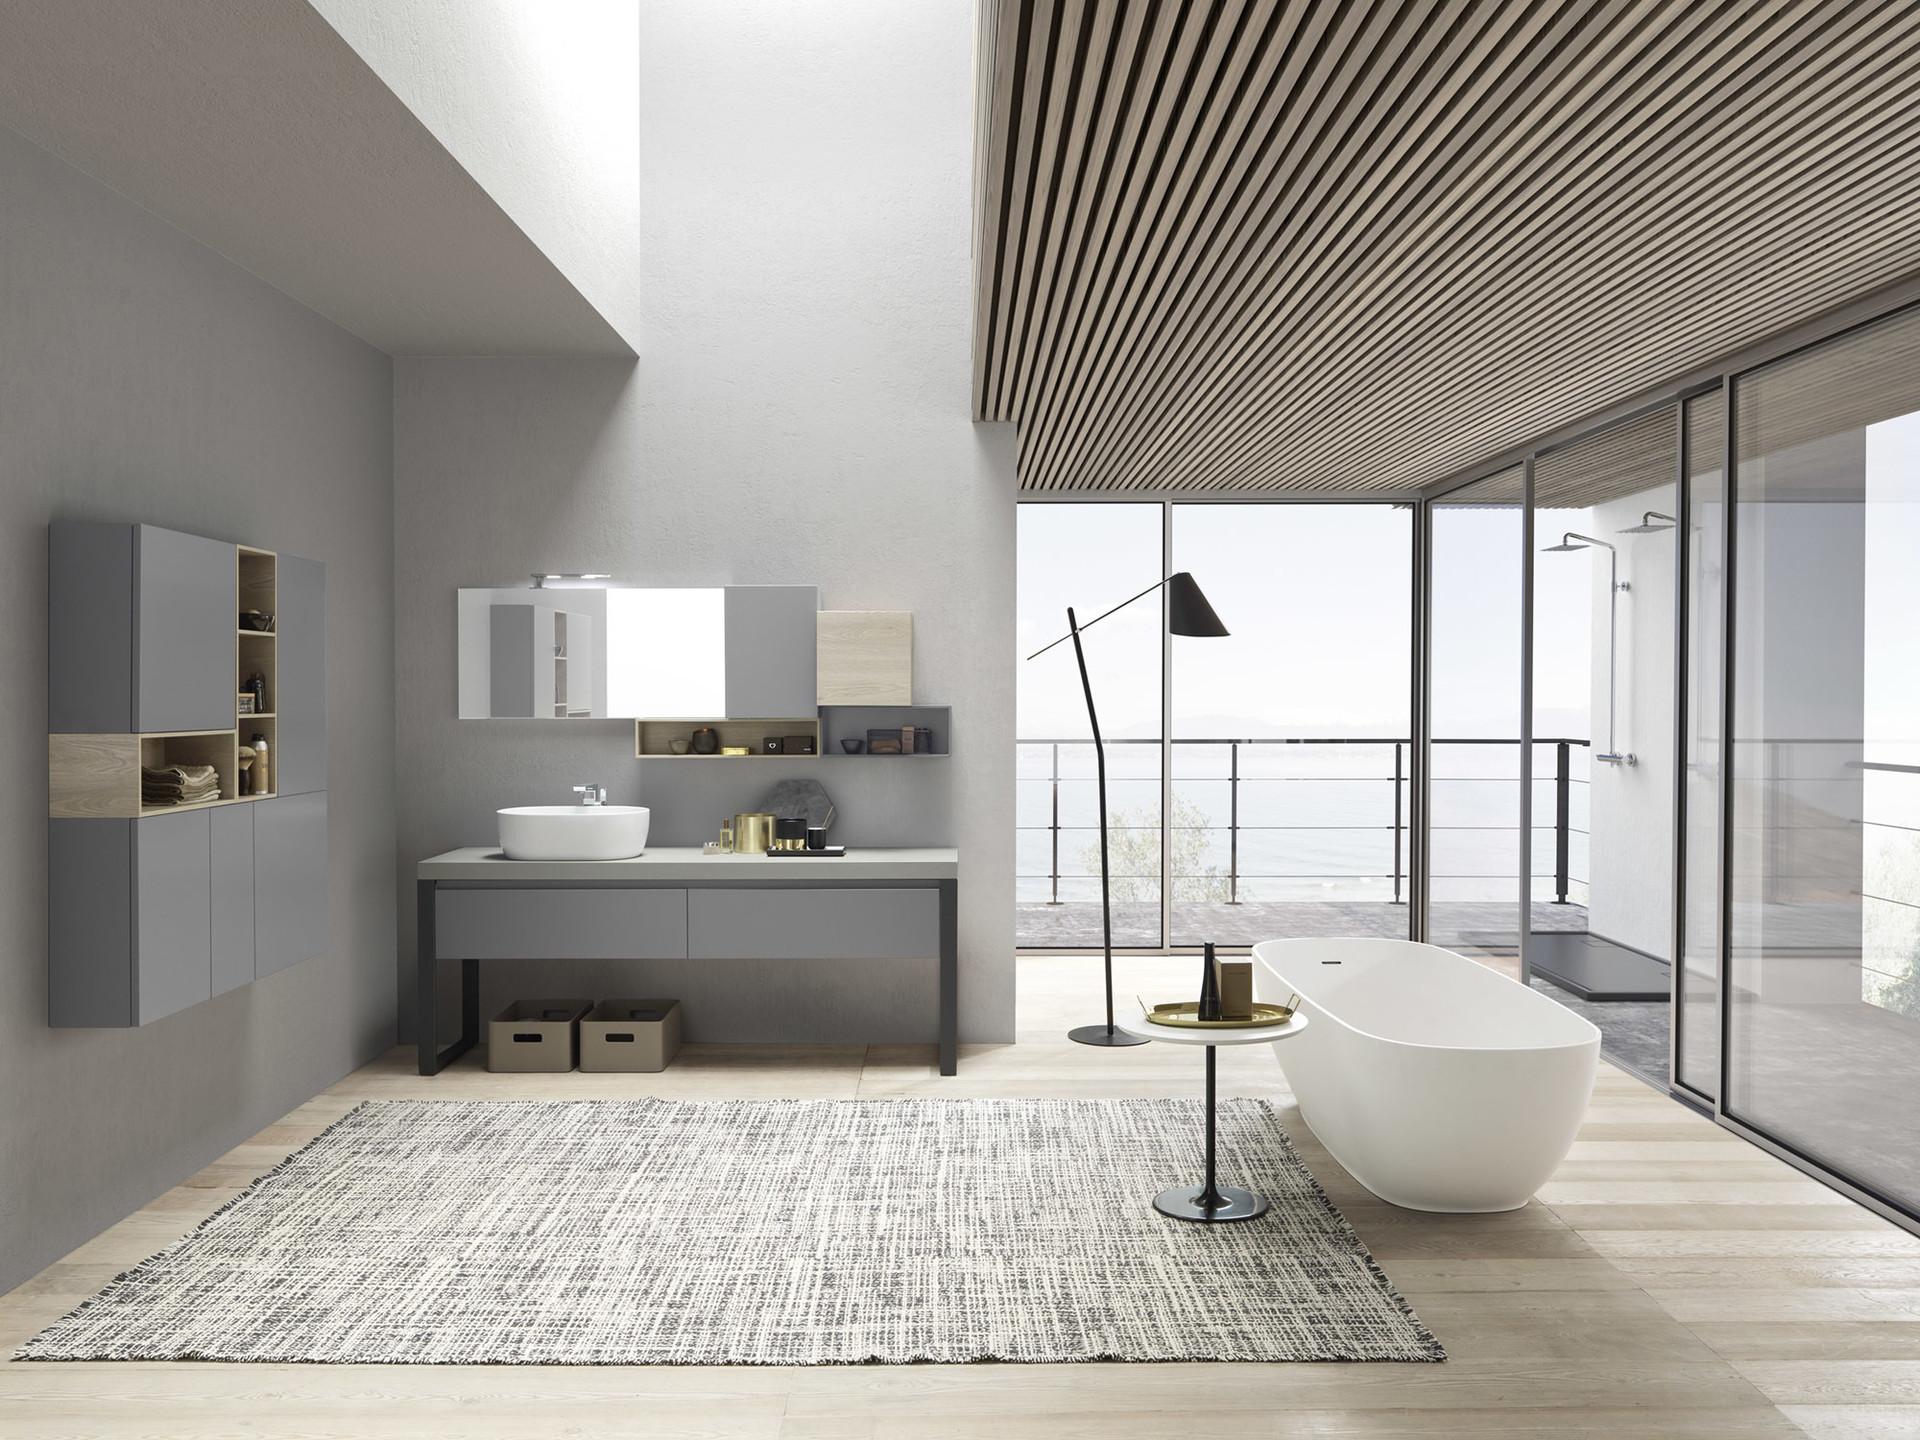 Salle de bain tendance dans les tons gris, baignoire et douches